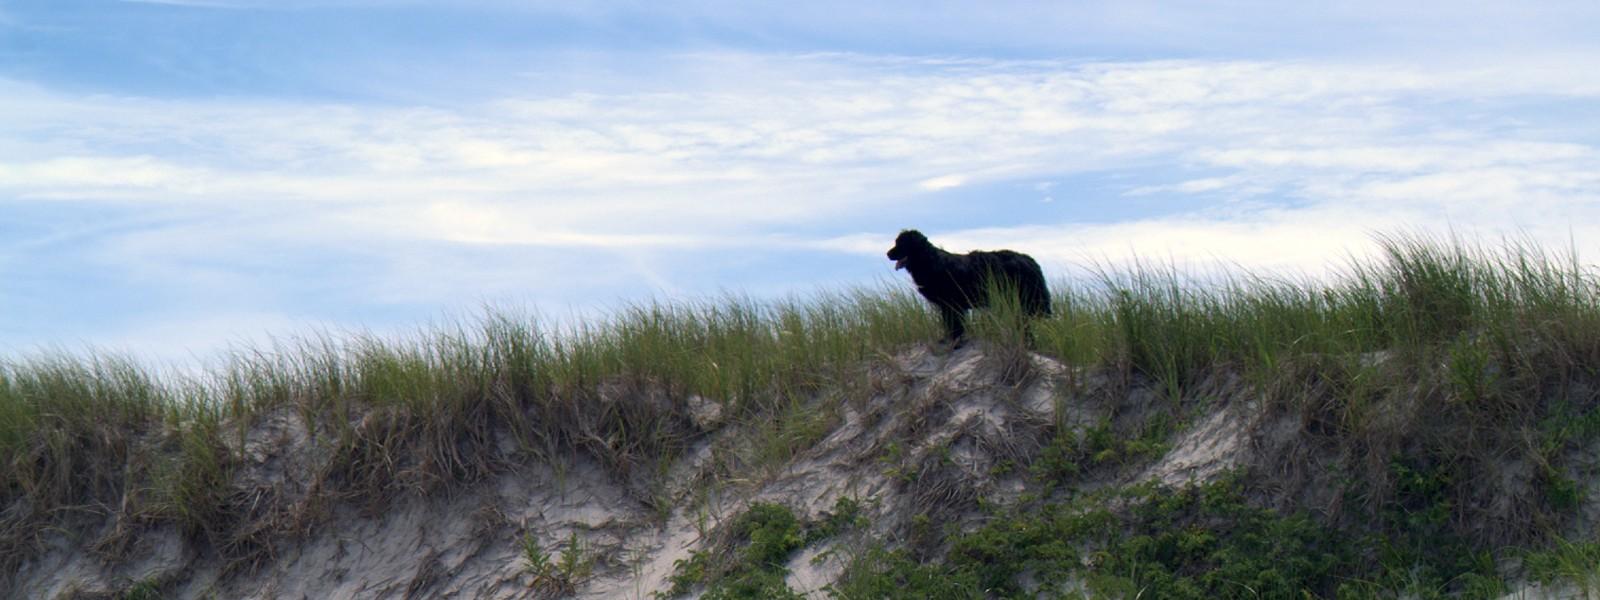 Alfie on the beach